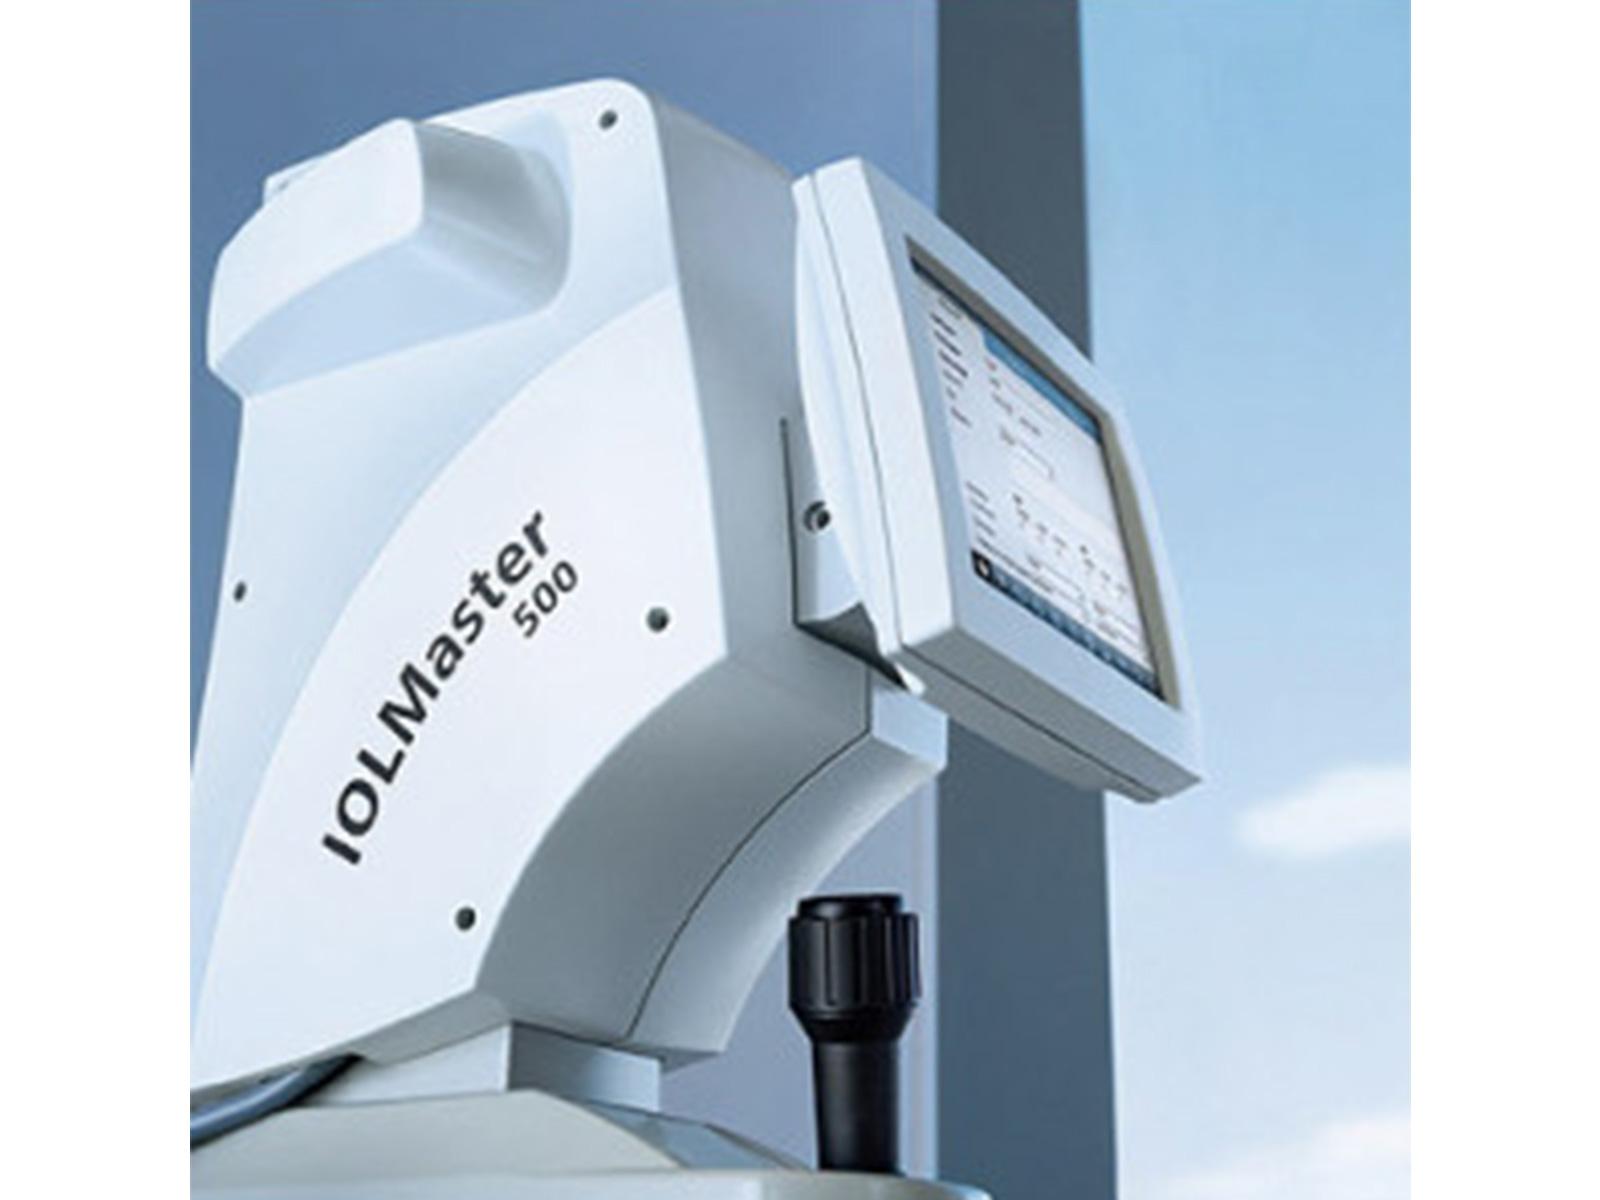 s iol laborat products - HD1600×1200